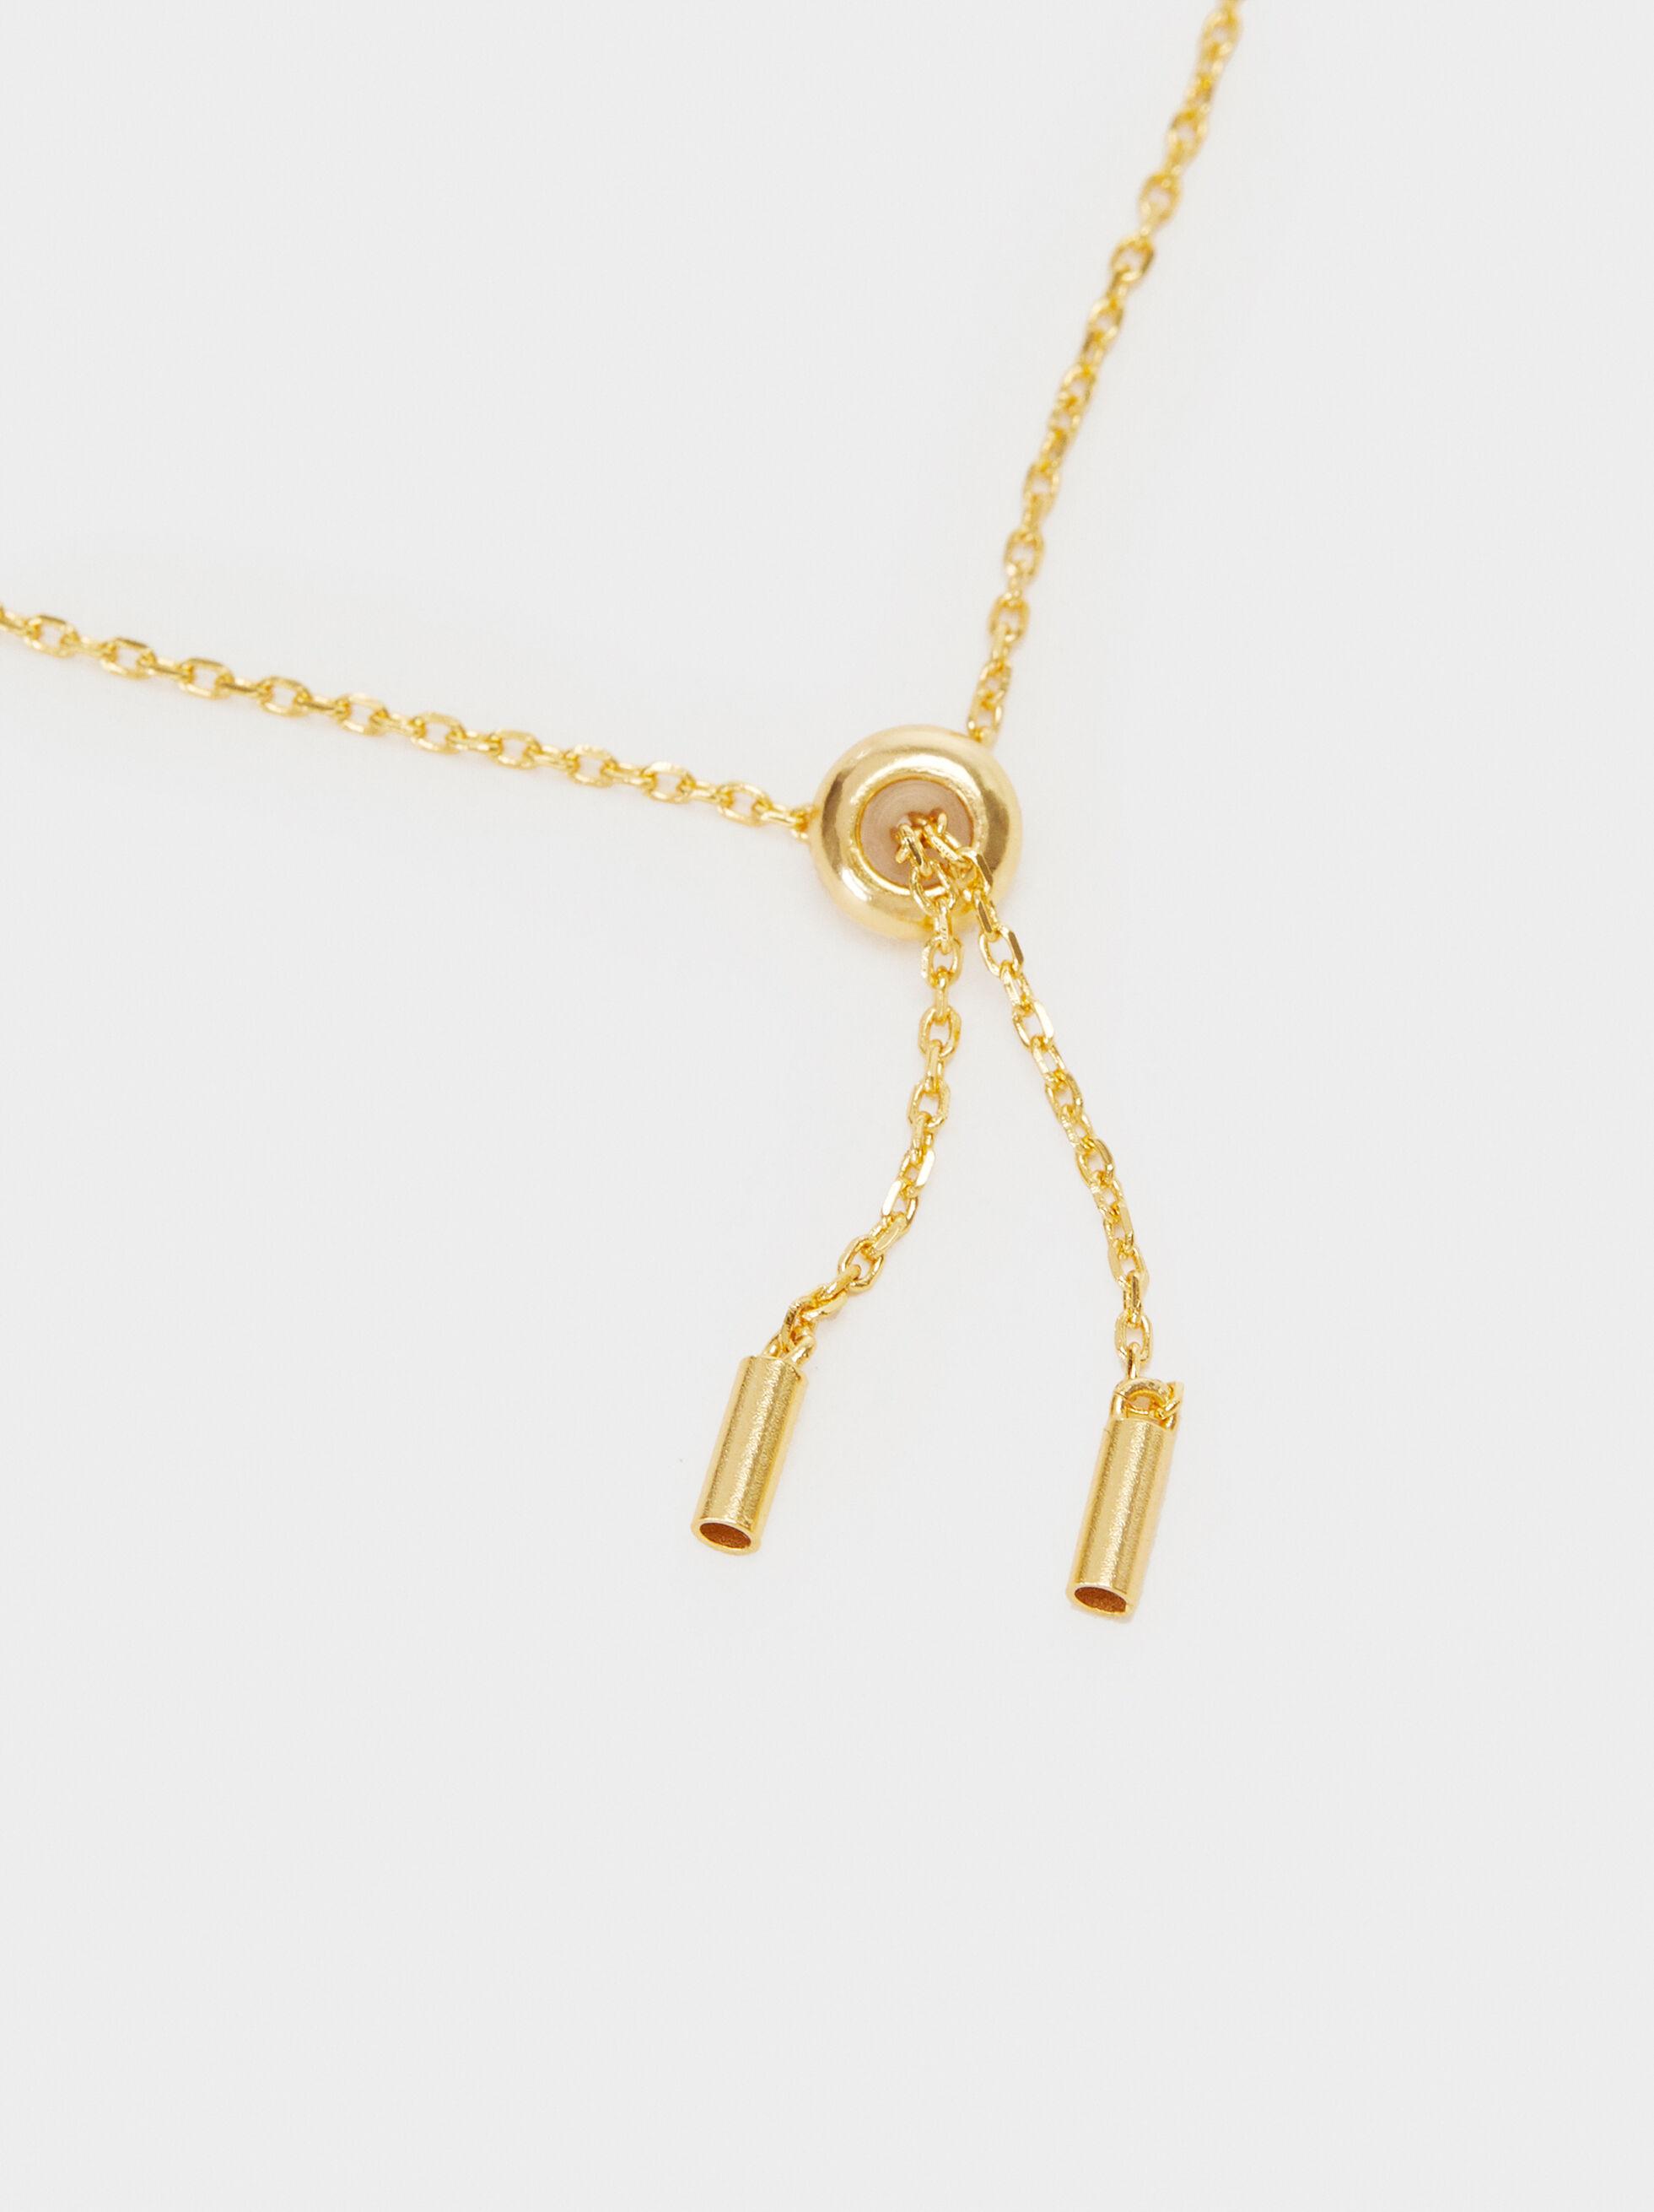 925 Silver Adjustable Heart Bracelet, Golden, hi-res